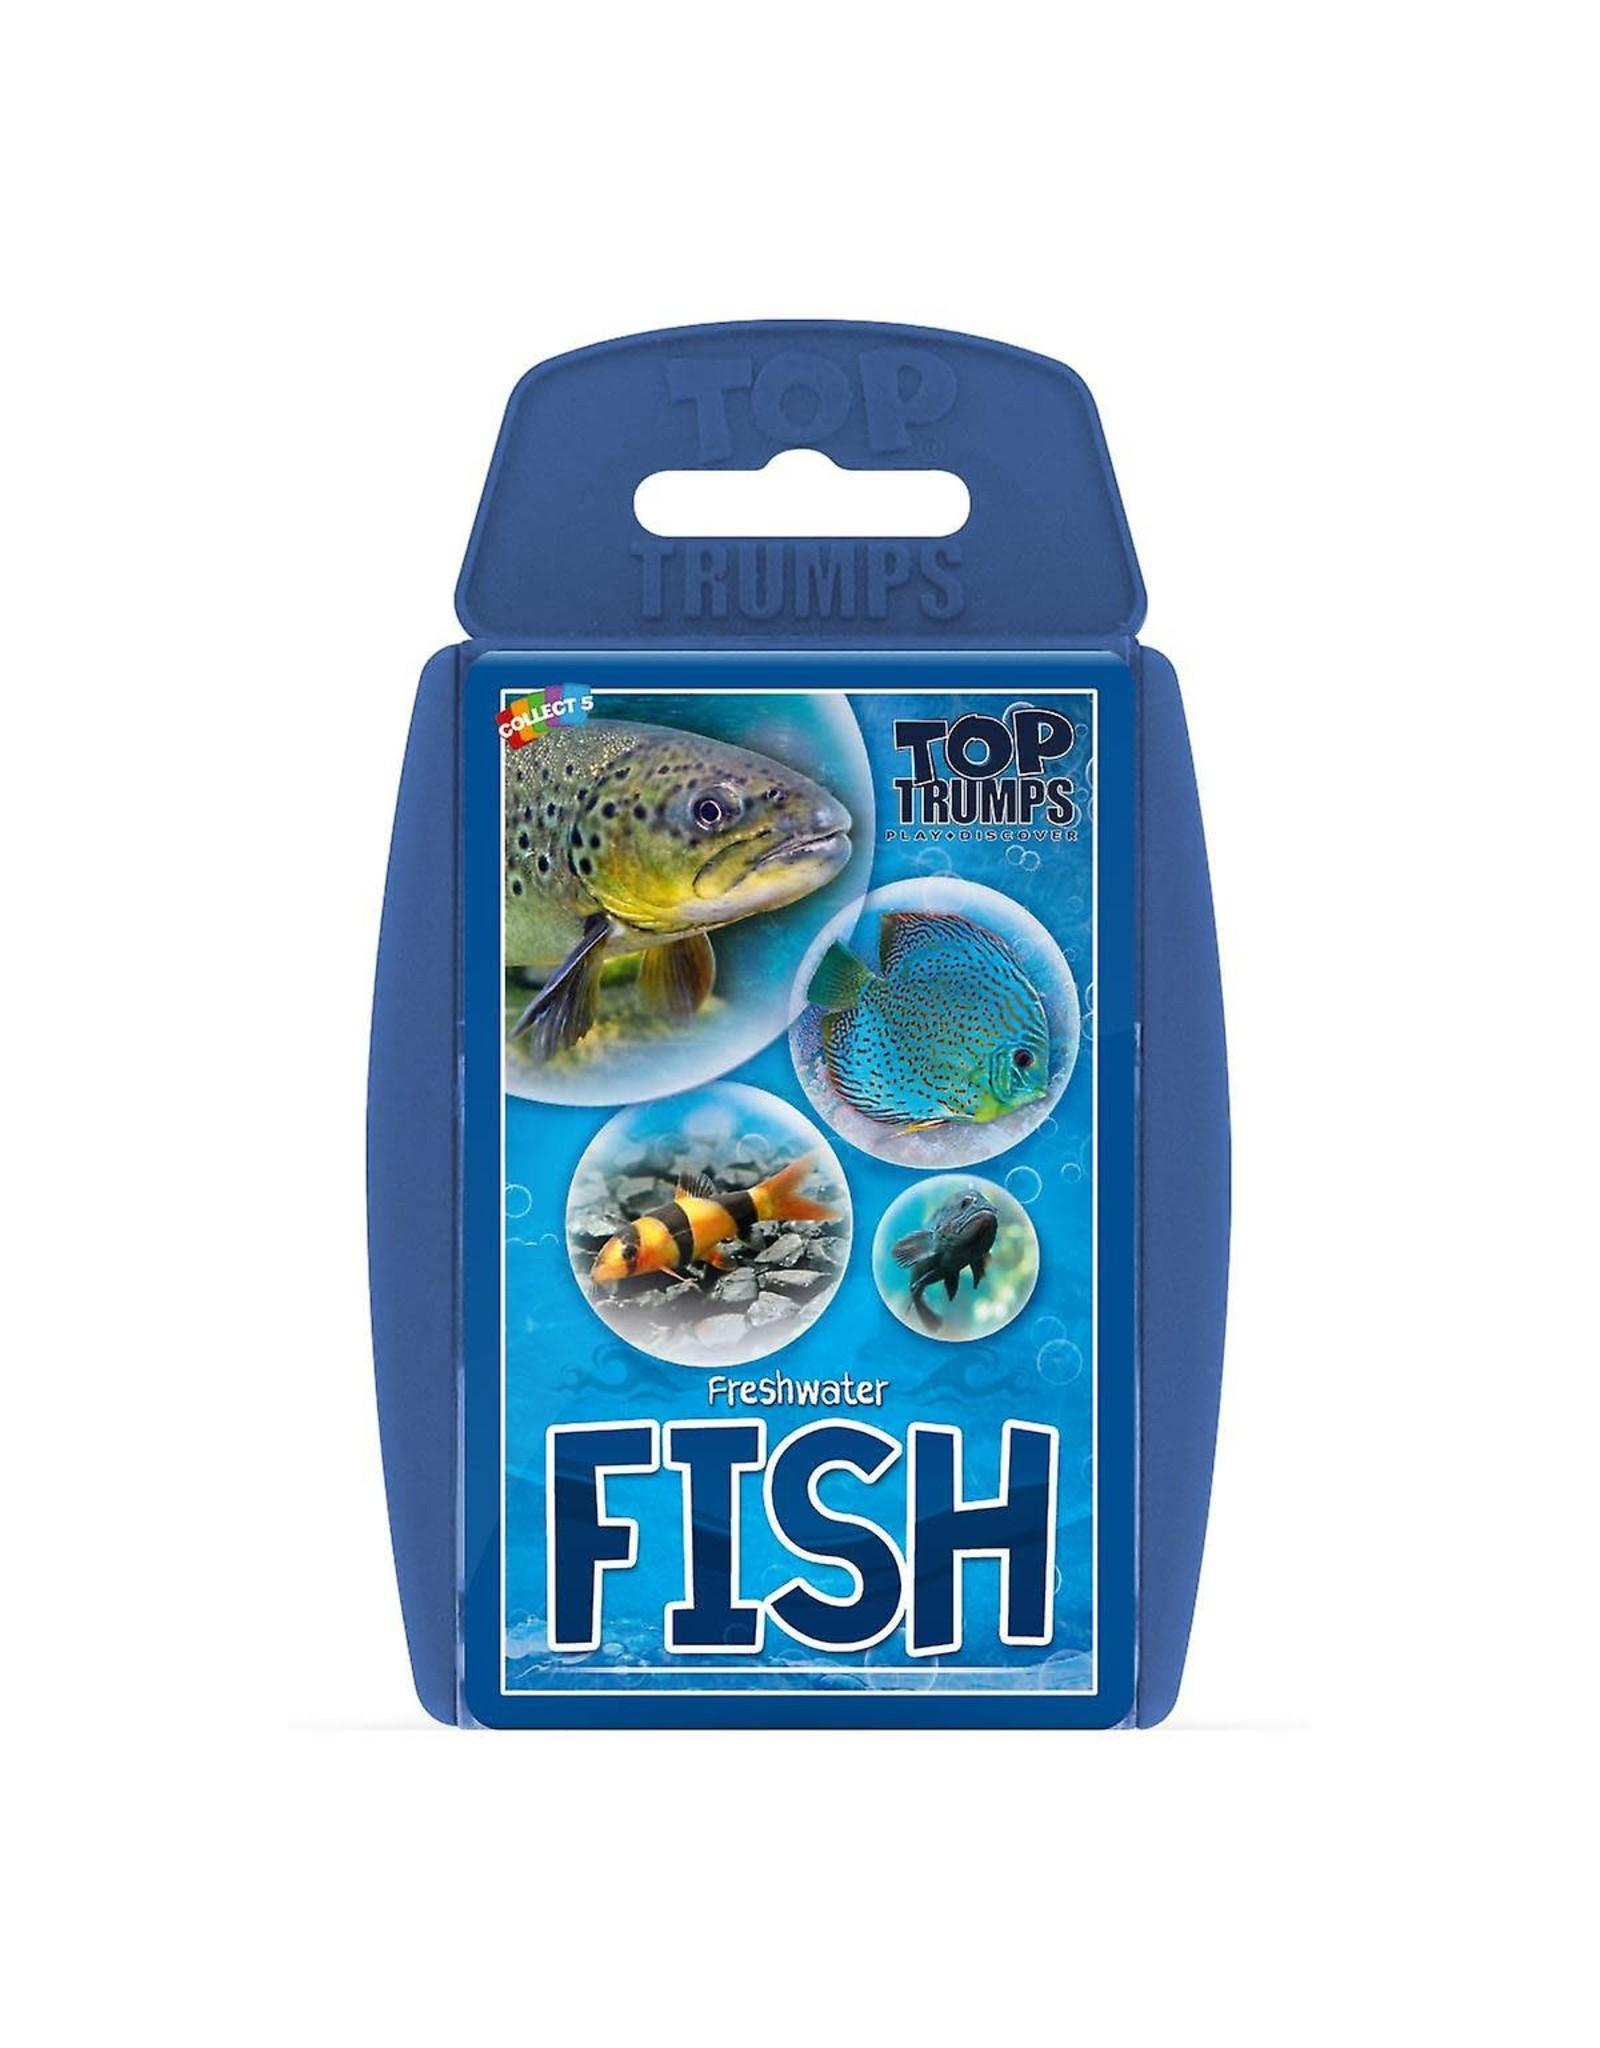 Top Trumps Fish Top Trumps Top Trumps